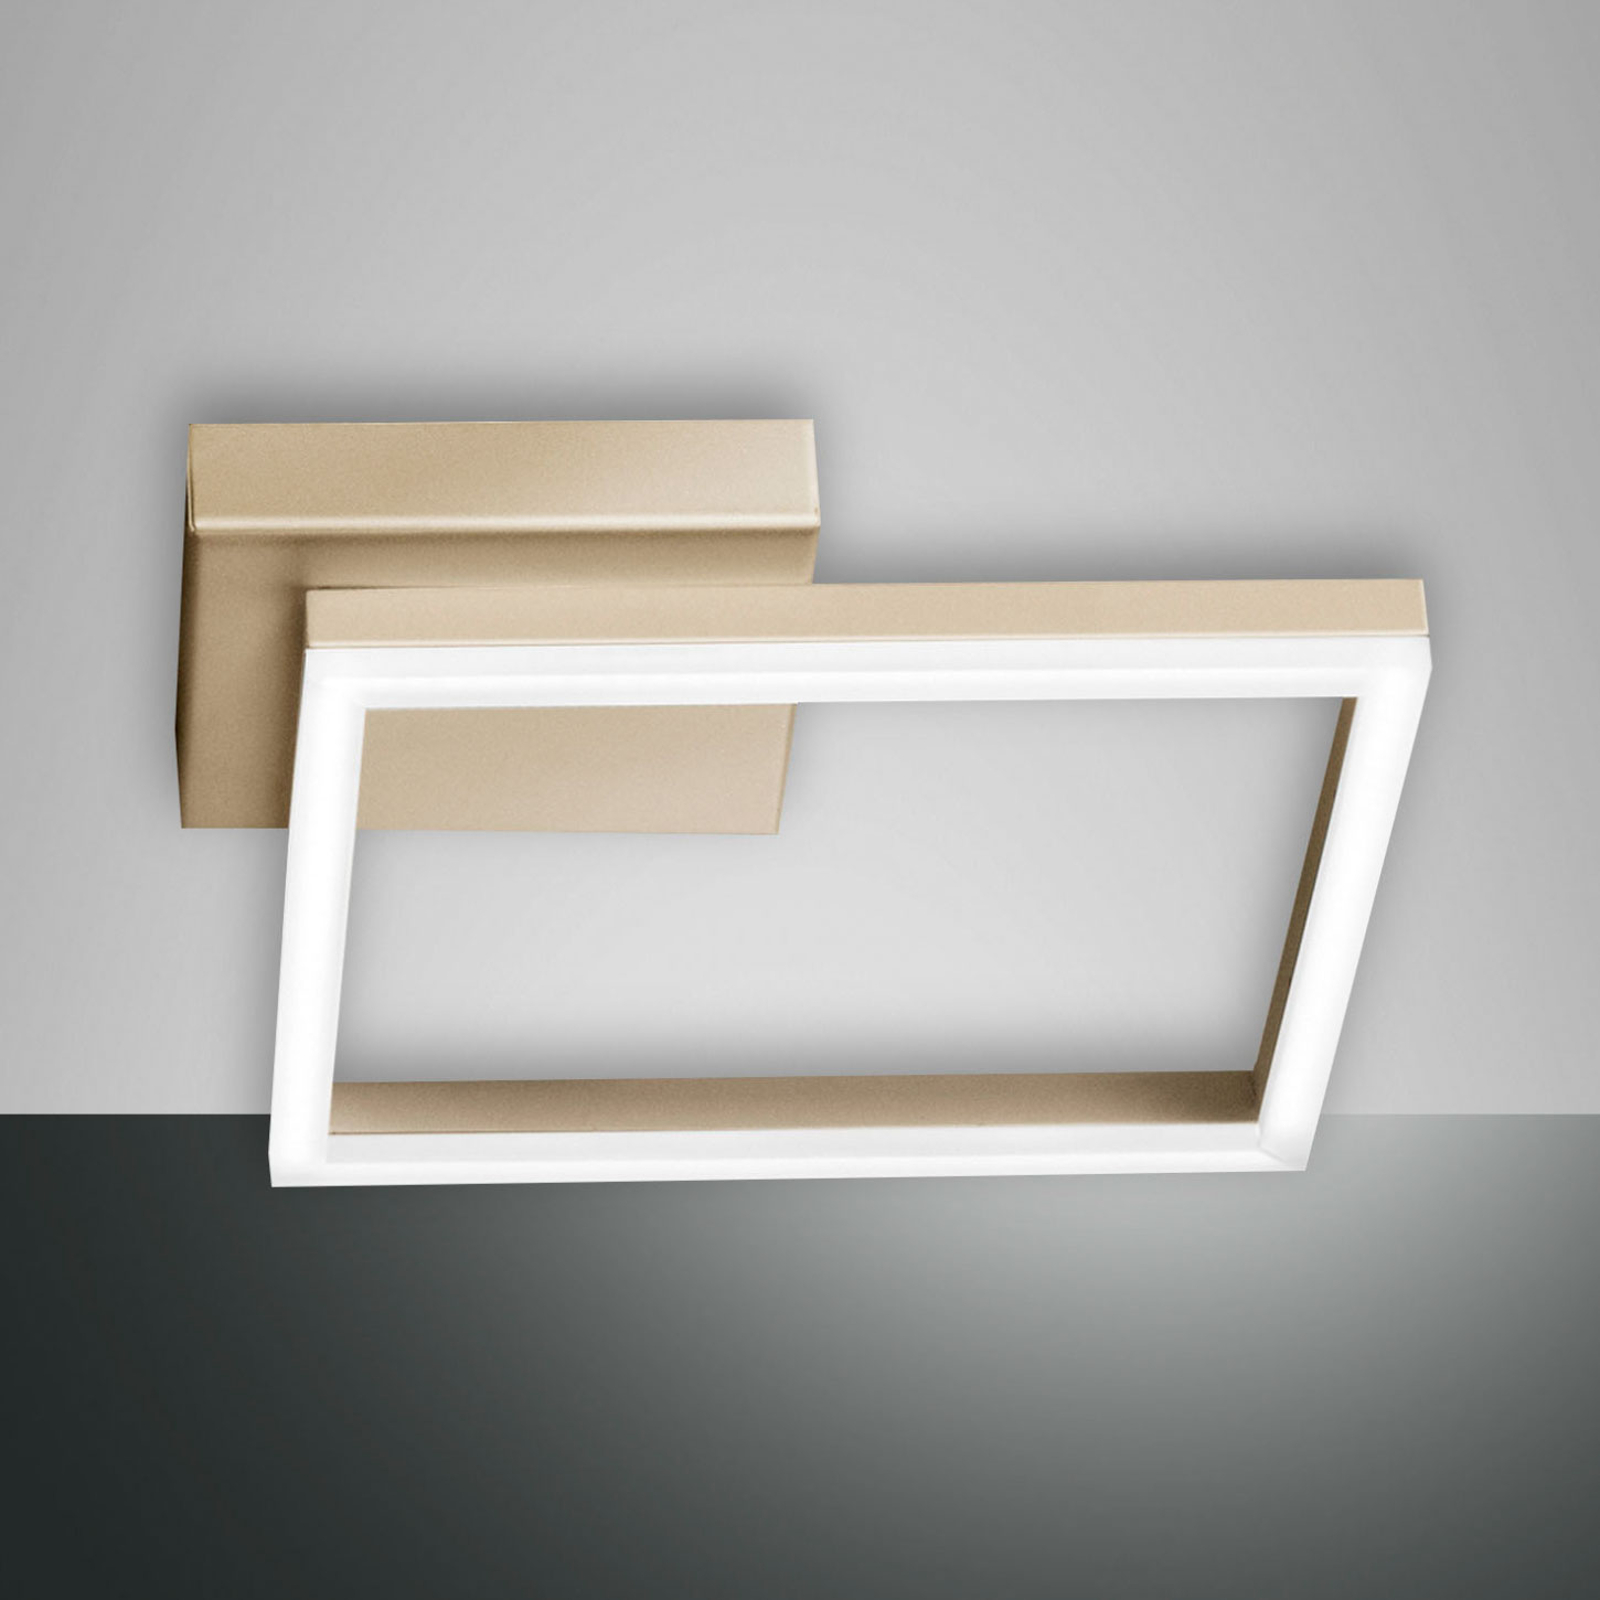 Lampa sufitowa LED Bard, 45x45cm, matowe złoto